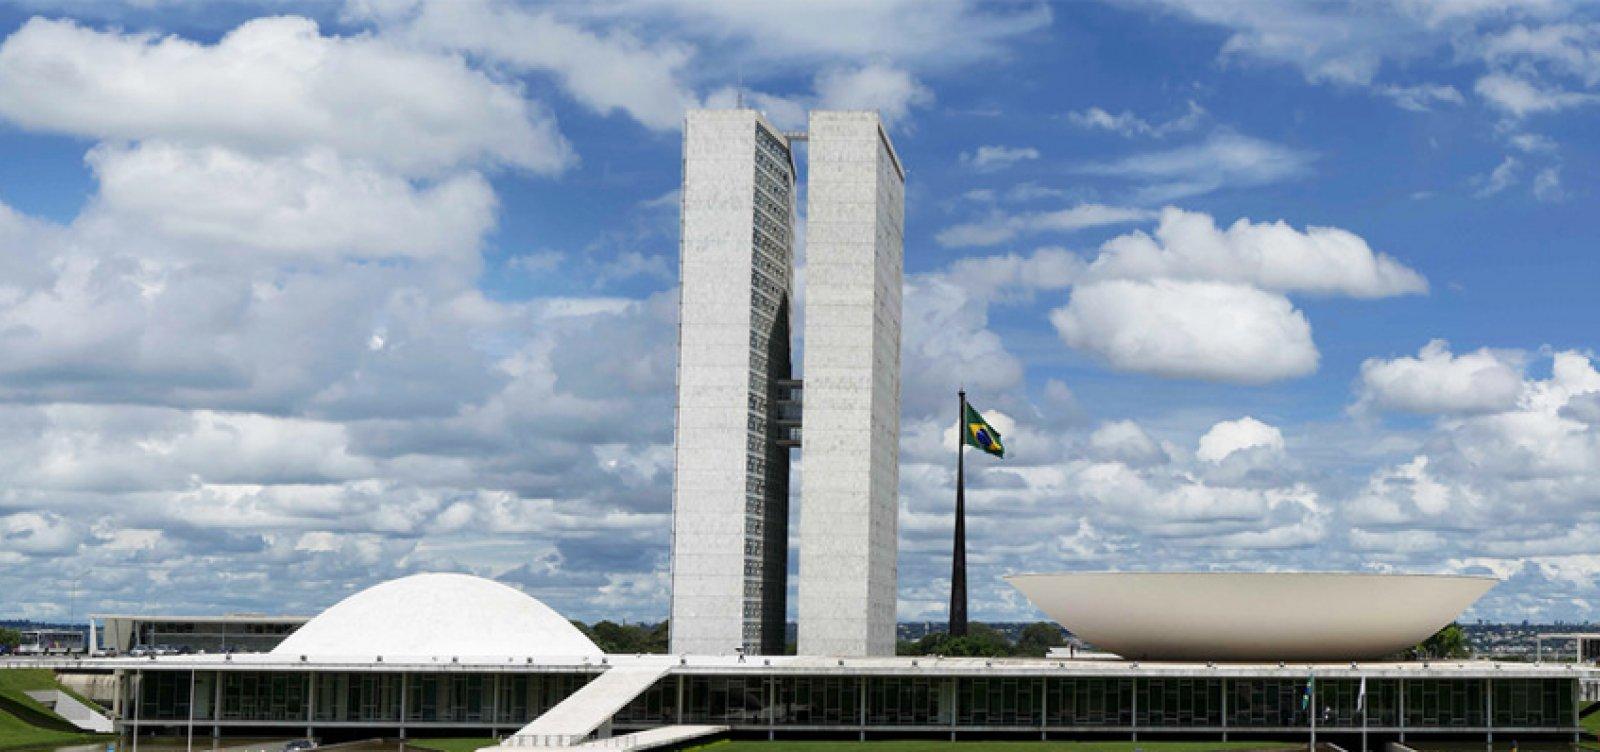 [Ministros do STF e políticos minimizam atos pró-Bolsonaro]